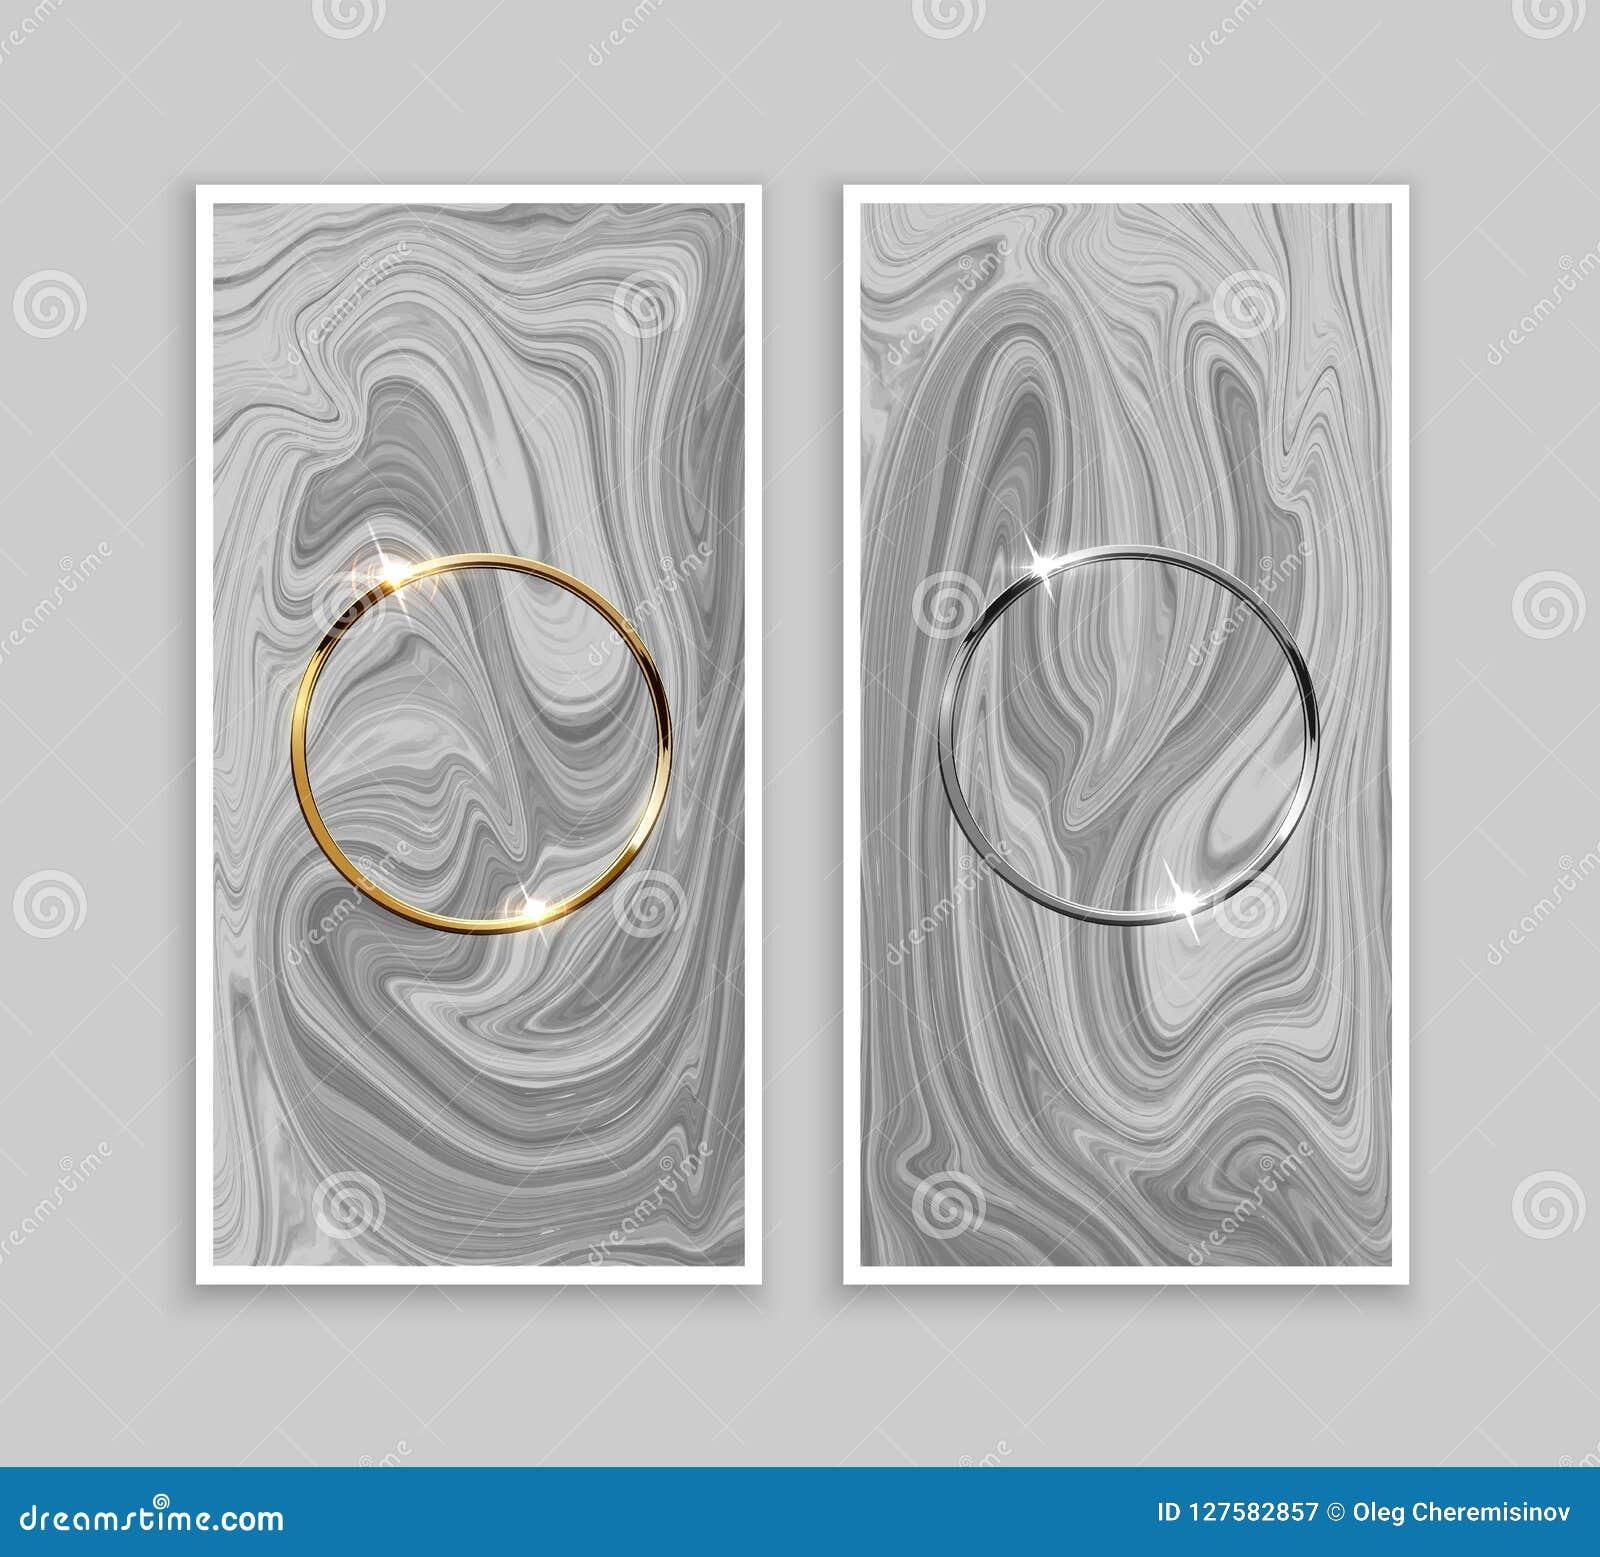 Złote i srebne ringowe ramy na szarości tle spokojnie redaguje projekt elementów wektora